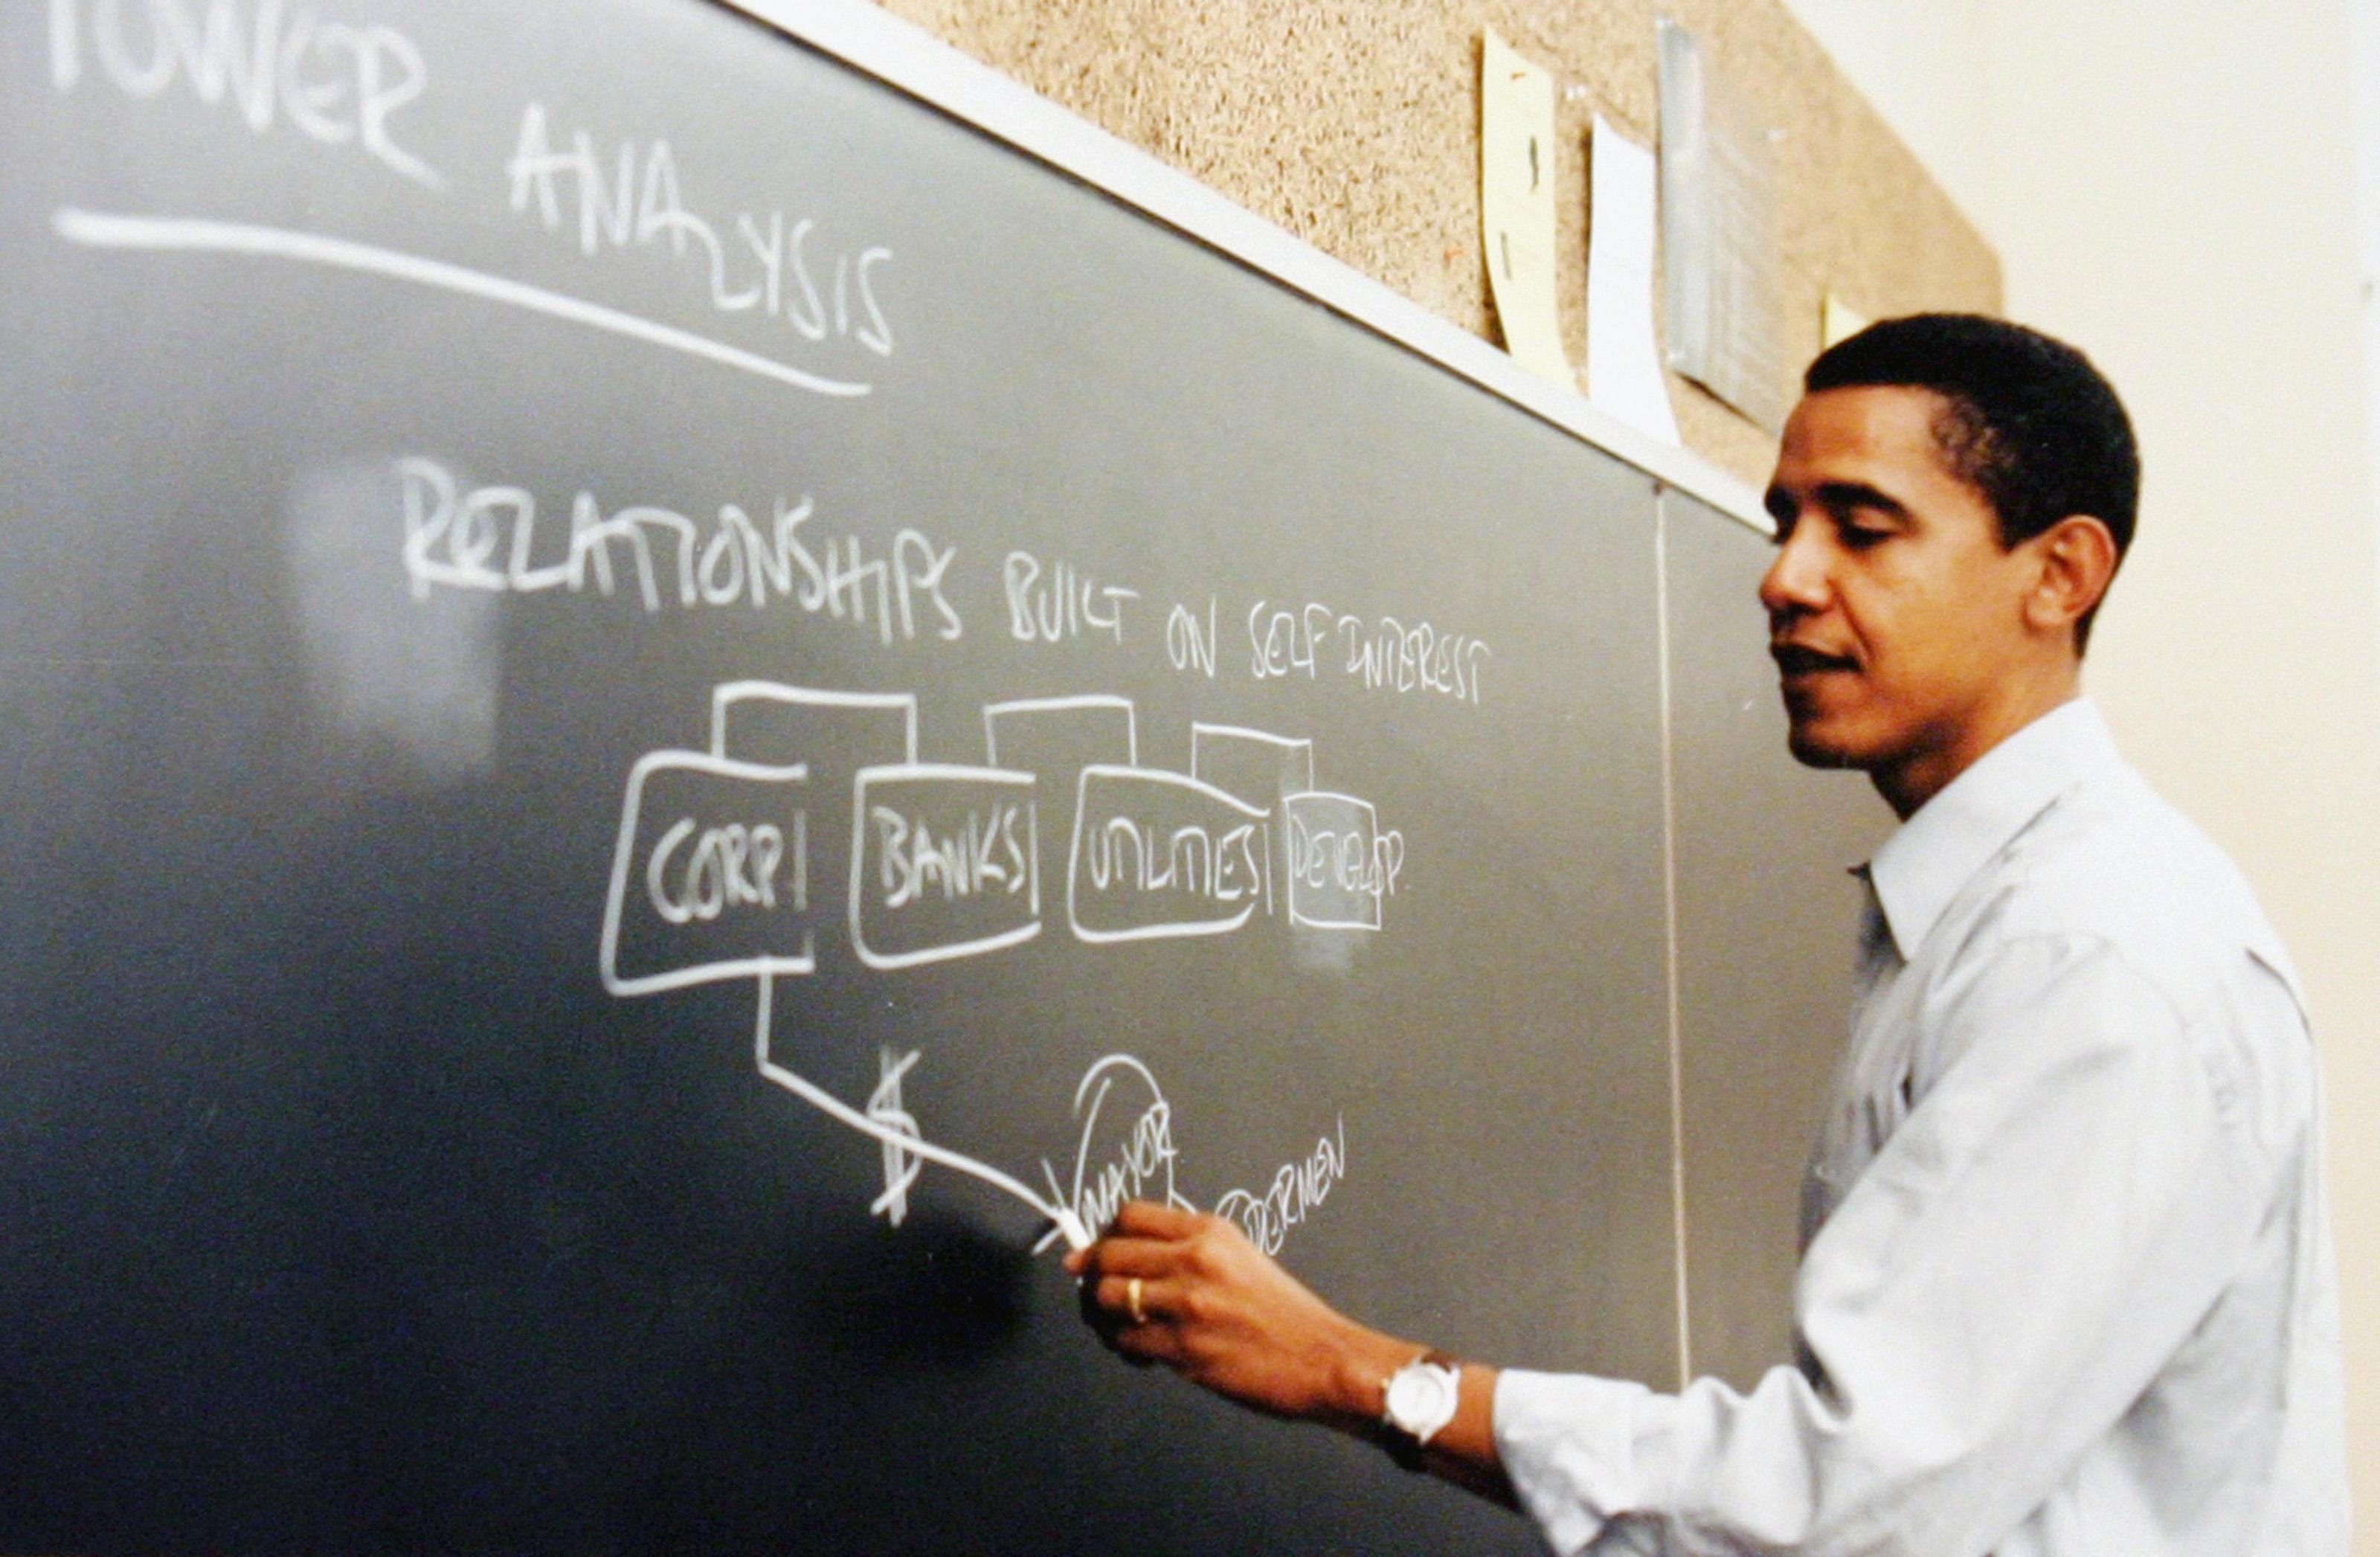 Obama quiere atraer voto de jóvenes con créditos universitarios